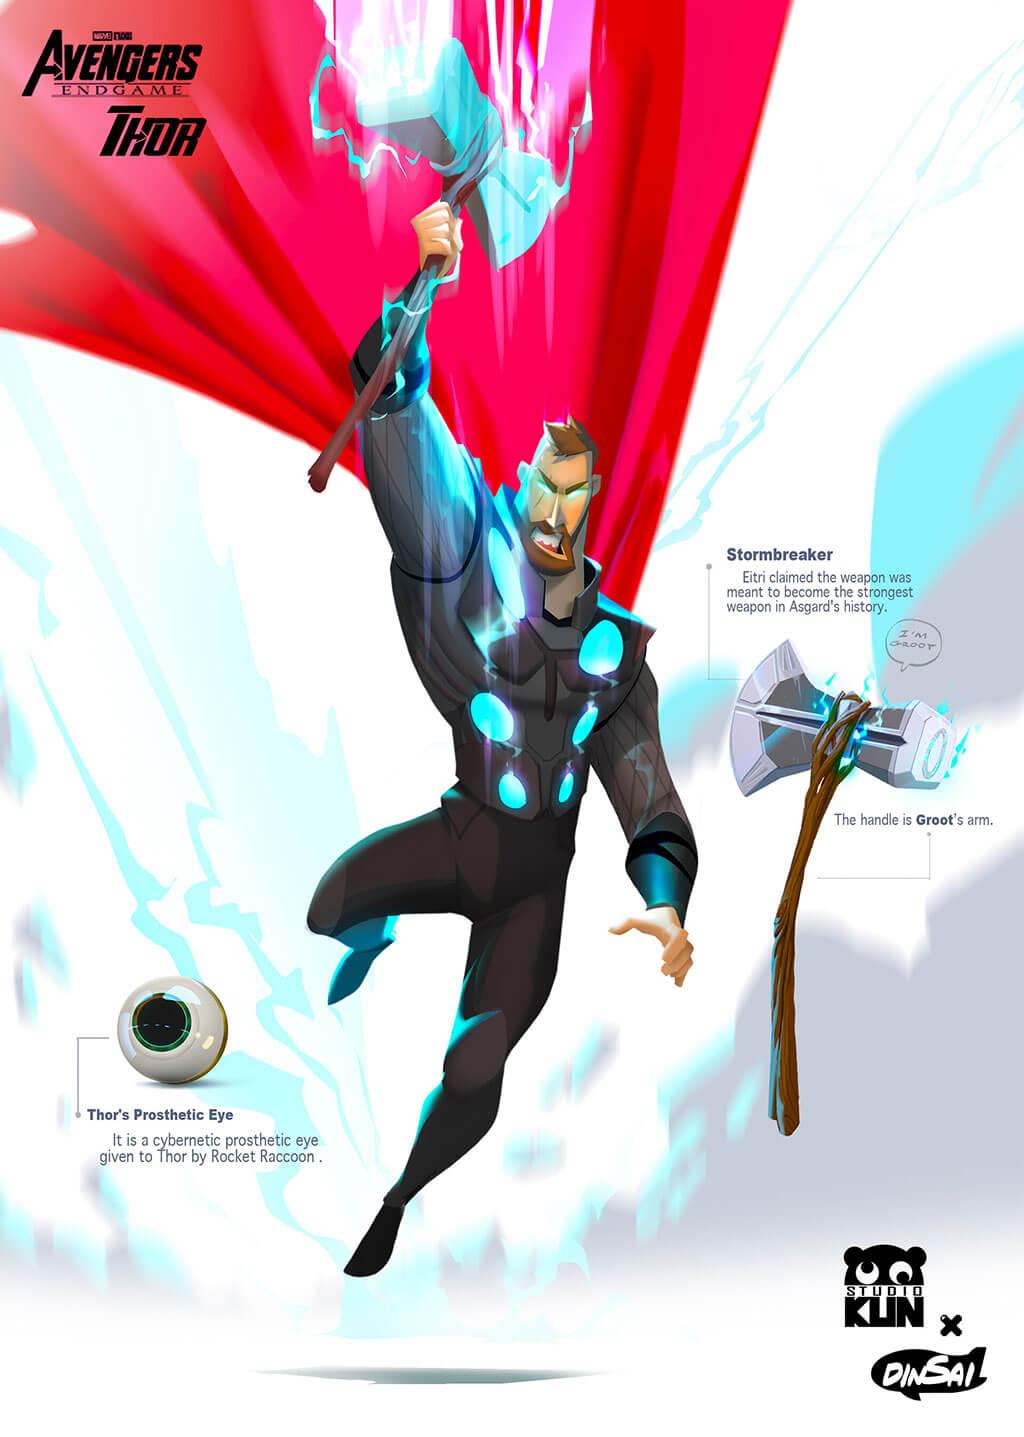 Avengers Fan Art by Kun Vic